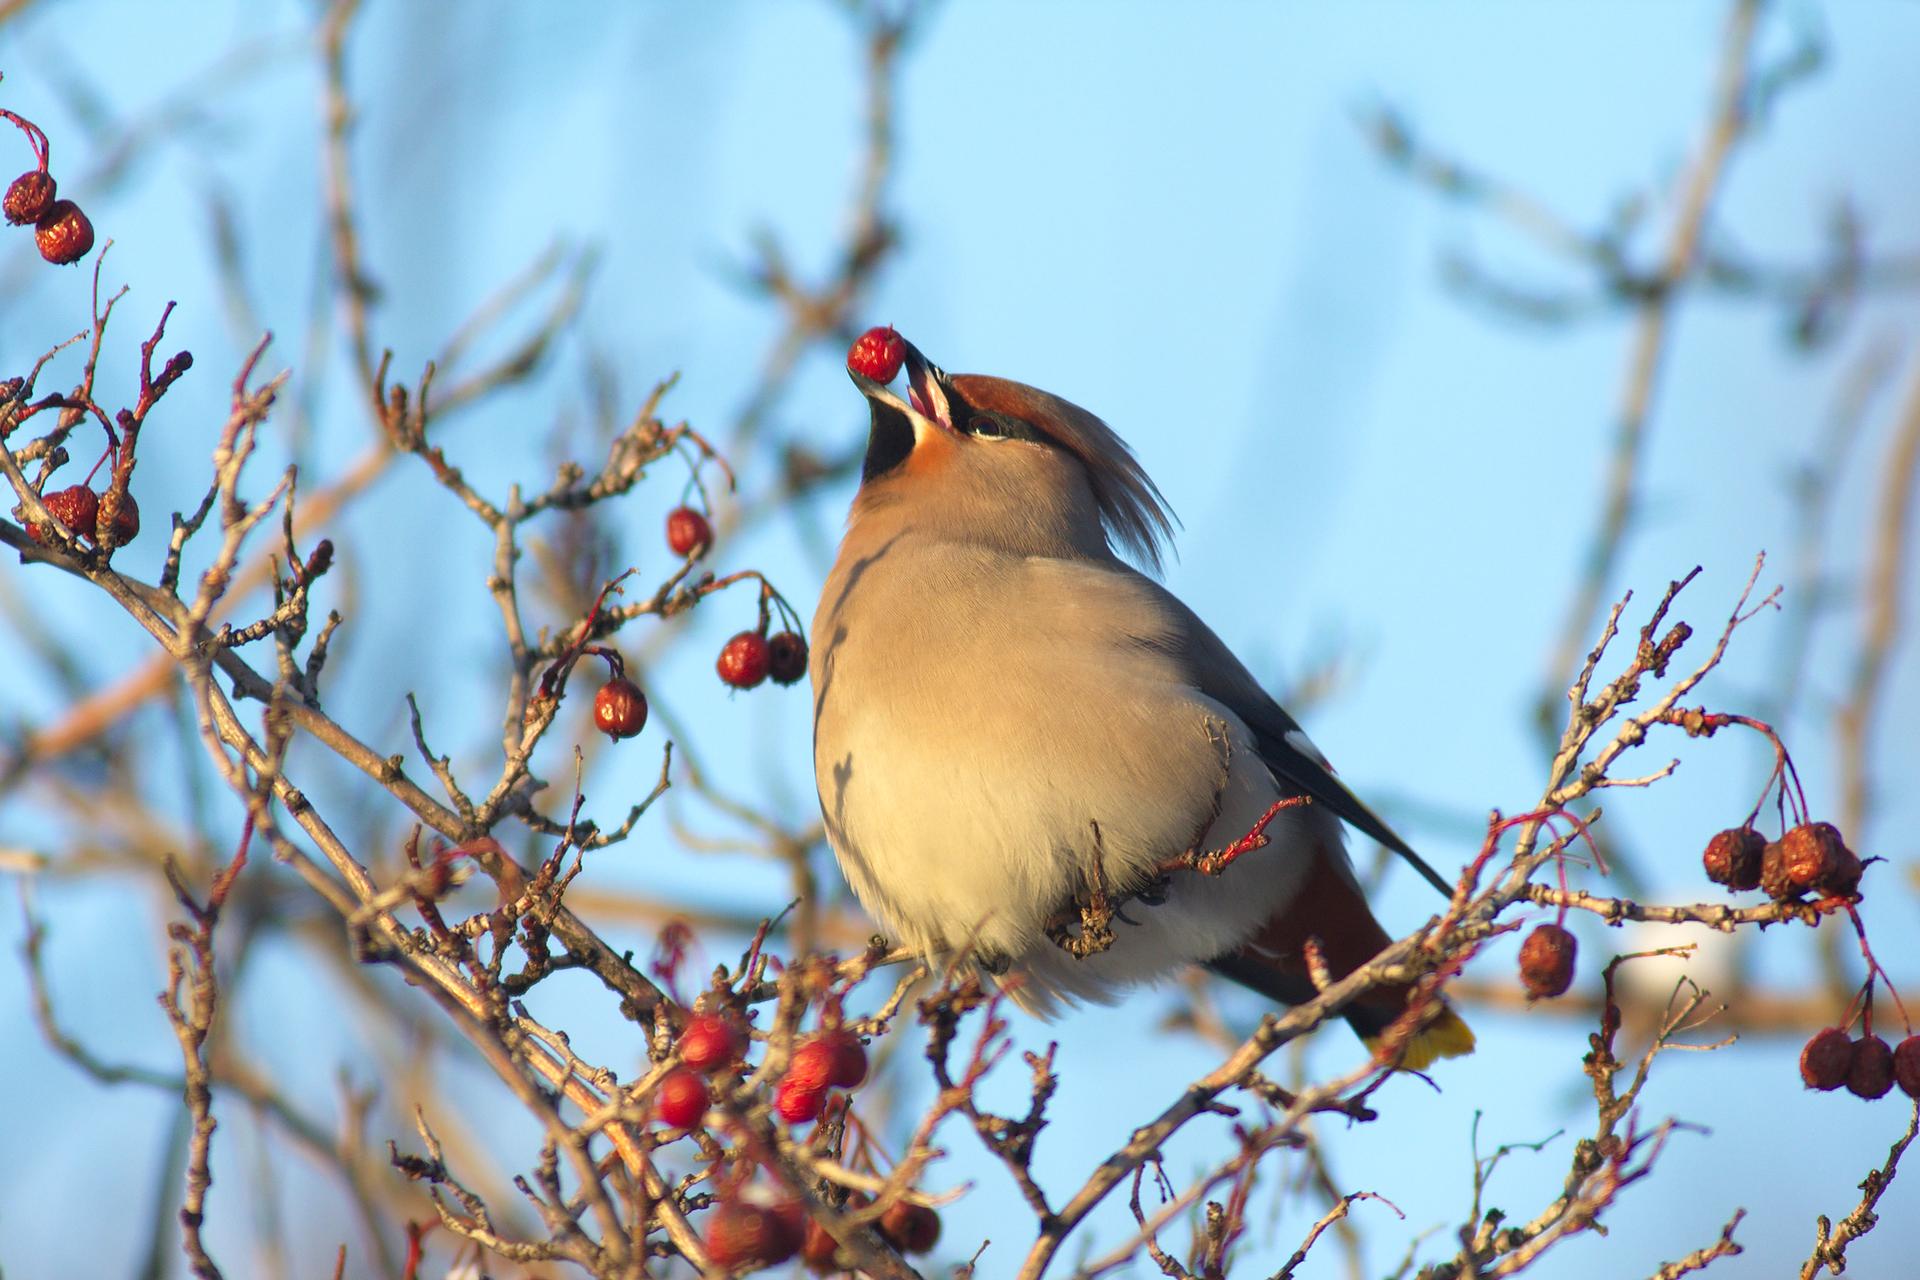 Fotografia jemiołuszki siedzącej na drzewie pozbawionym liści. Ptak ma beżowe pióra, zczarnymi końcówkami skrzydeł, czarnym czołem igardłem. Na skrzydłach cienkie czerwone kreski. Na drzewie wiszą czerwone owoce, ajednego znich jemiołuszka trzyma wdziobie.